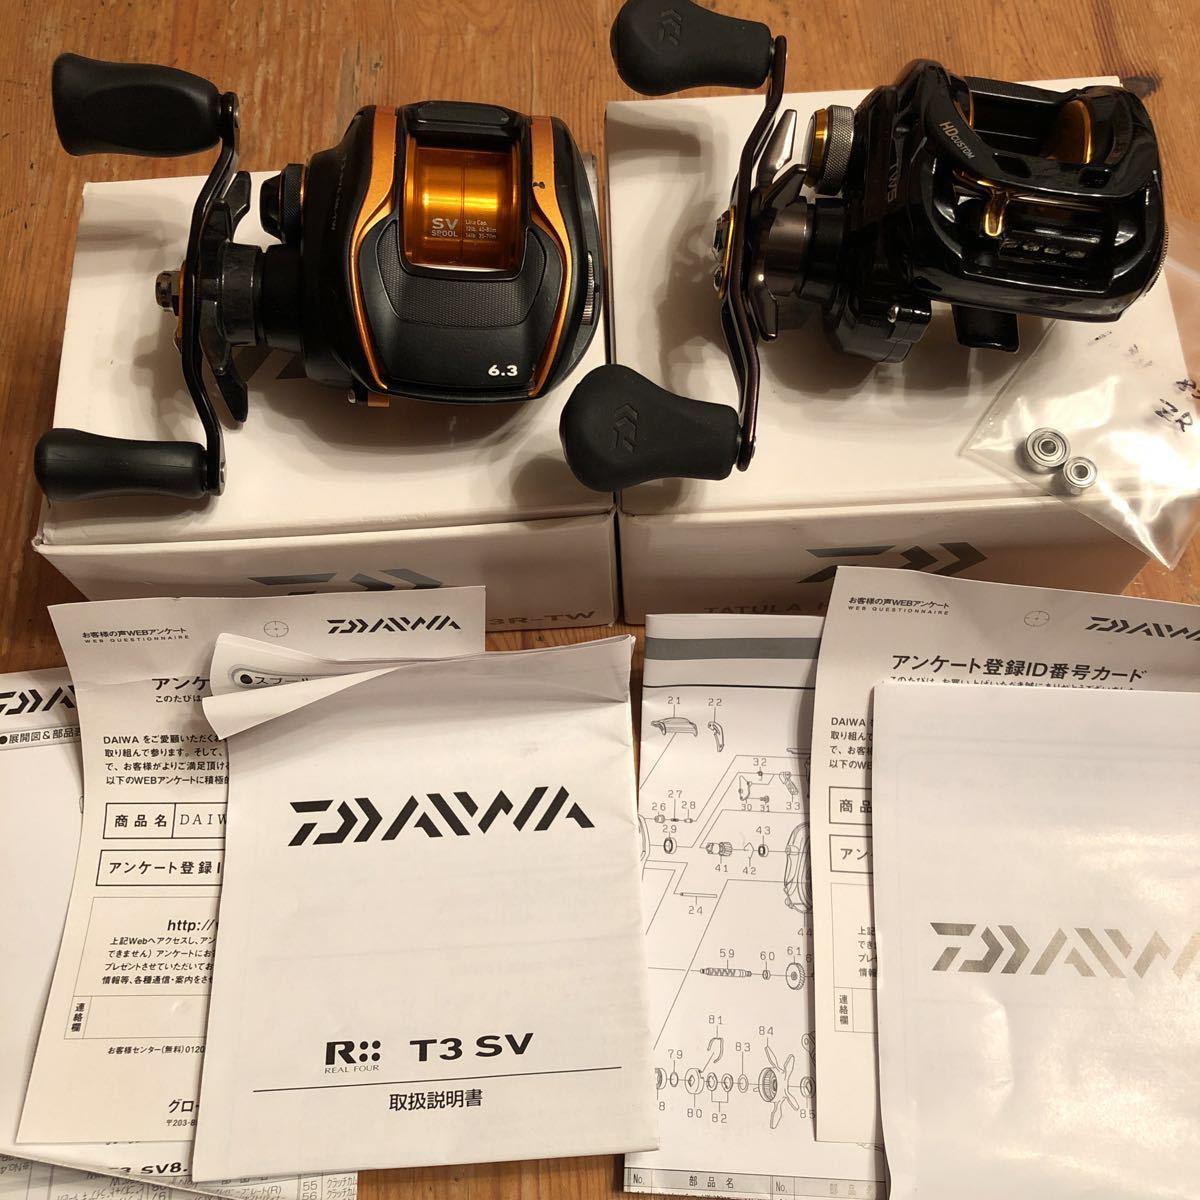 223ab577a8f Daiwa T3 SV6.3R-TW.TATULA HD custom150H-TW bait reel right steering wheel